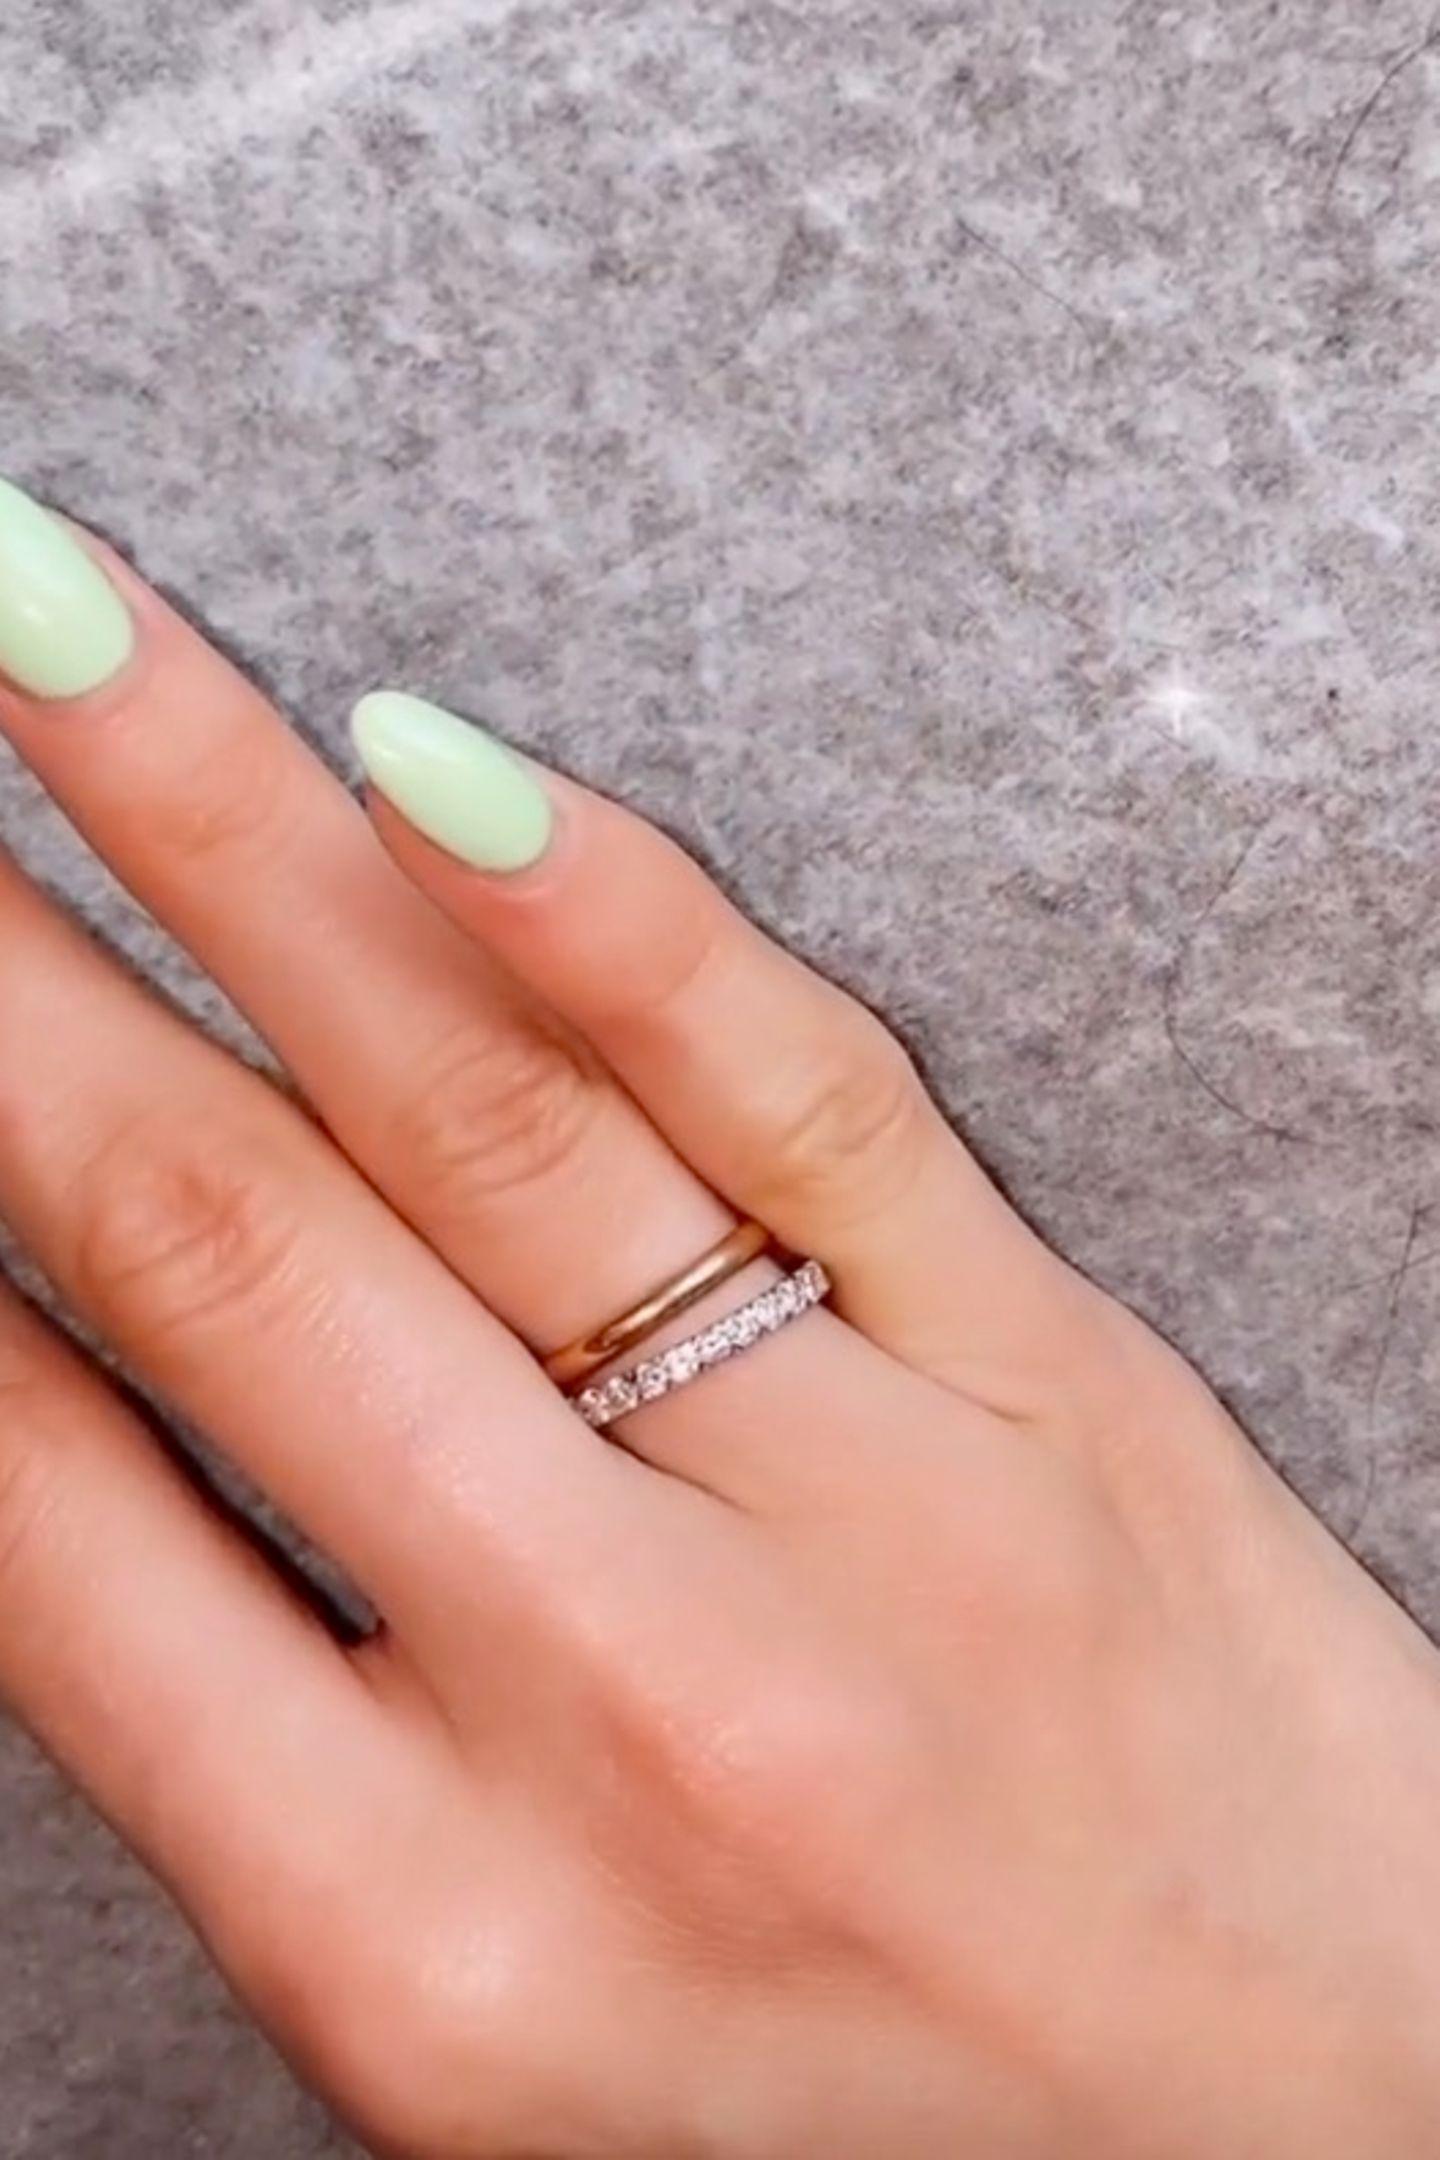 """... sie trägt nämlich gleich zwei Eheringe, wie sie auf Instagram verrät: Einen simplen Ehering aus Roségold, den sie niemals, auch nicht zum Putzen, abnimmt und einen mit Diamanten besetzten""""Eternity Ring"""". Bei diesem handelt es sich um das Modell """"Alliance Gatsby"""" von Messika (Preis rund 2.490 Euro)."""